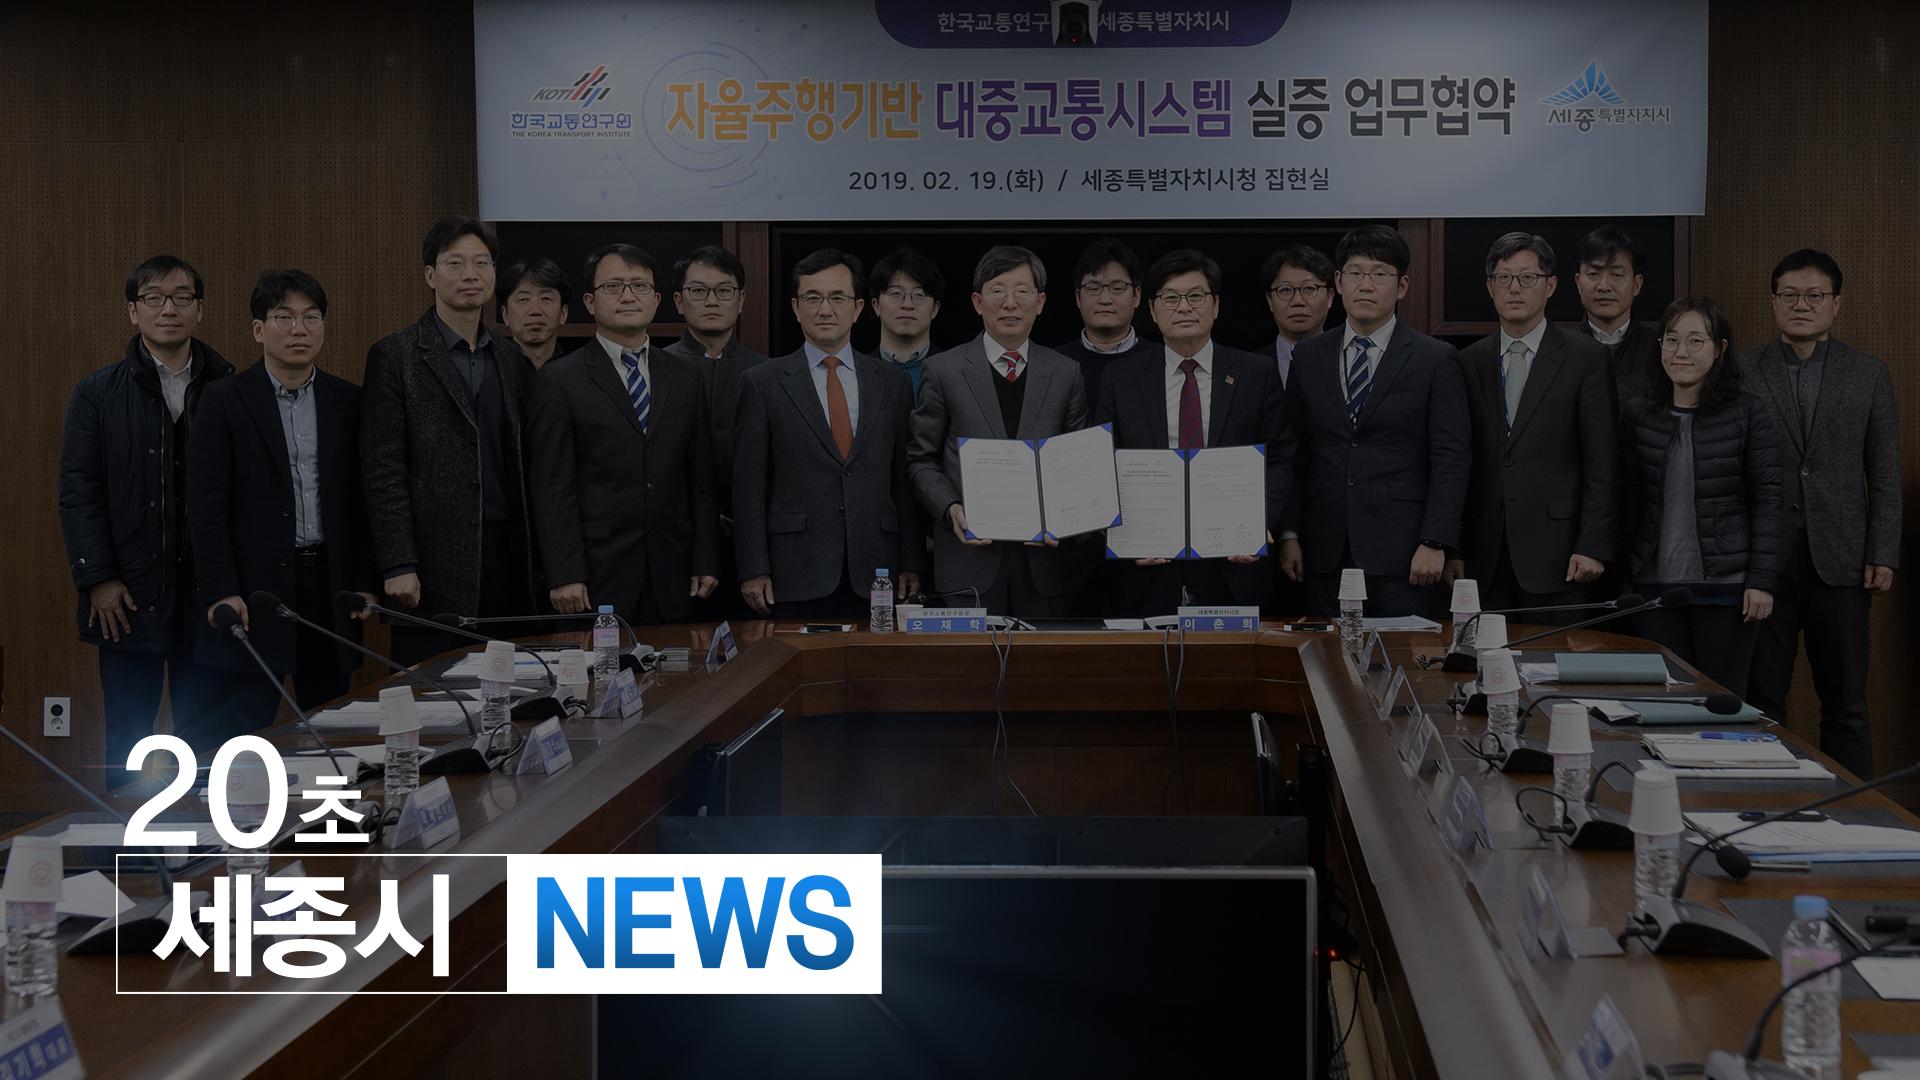 <20초뉴스> 세종시-한국교통연구원 실증사업 업무협약 체결